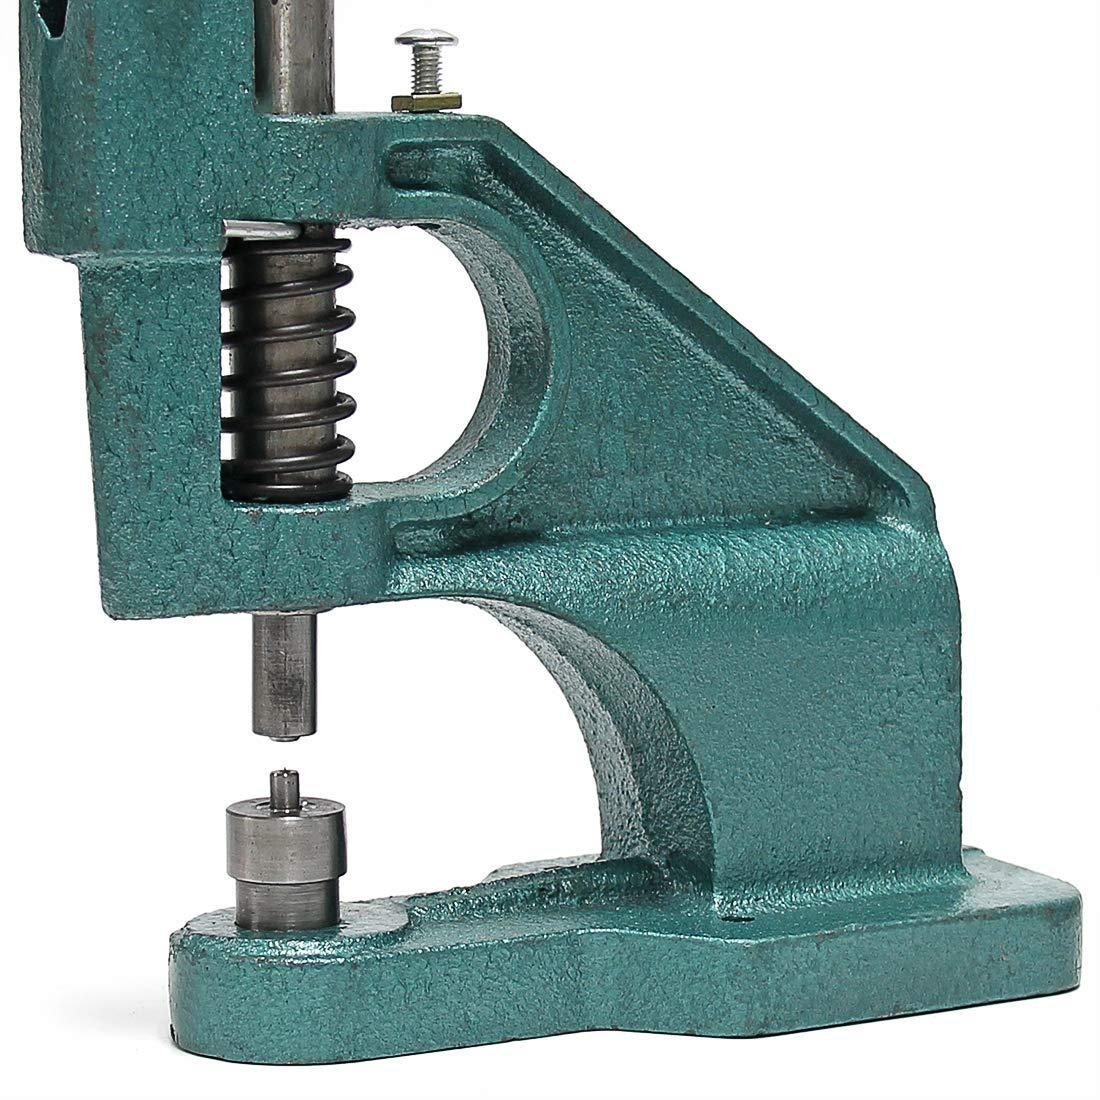 Hand Press Grommet Machine – Signstek 1500 Pcs Manual Punch Kit Grommet Tool with 3 Die Kit (#0, 2, 4)